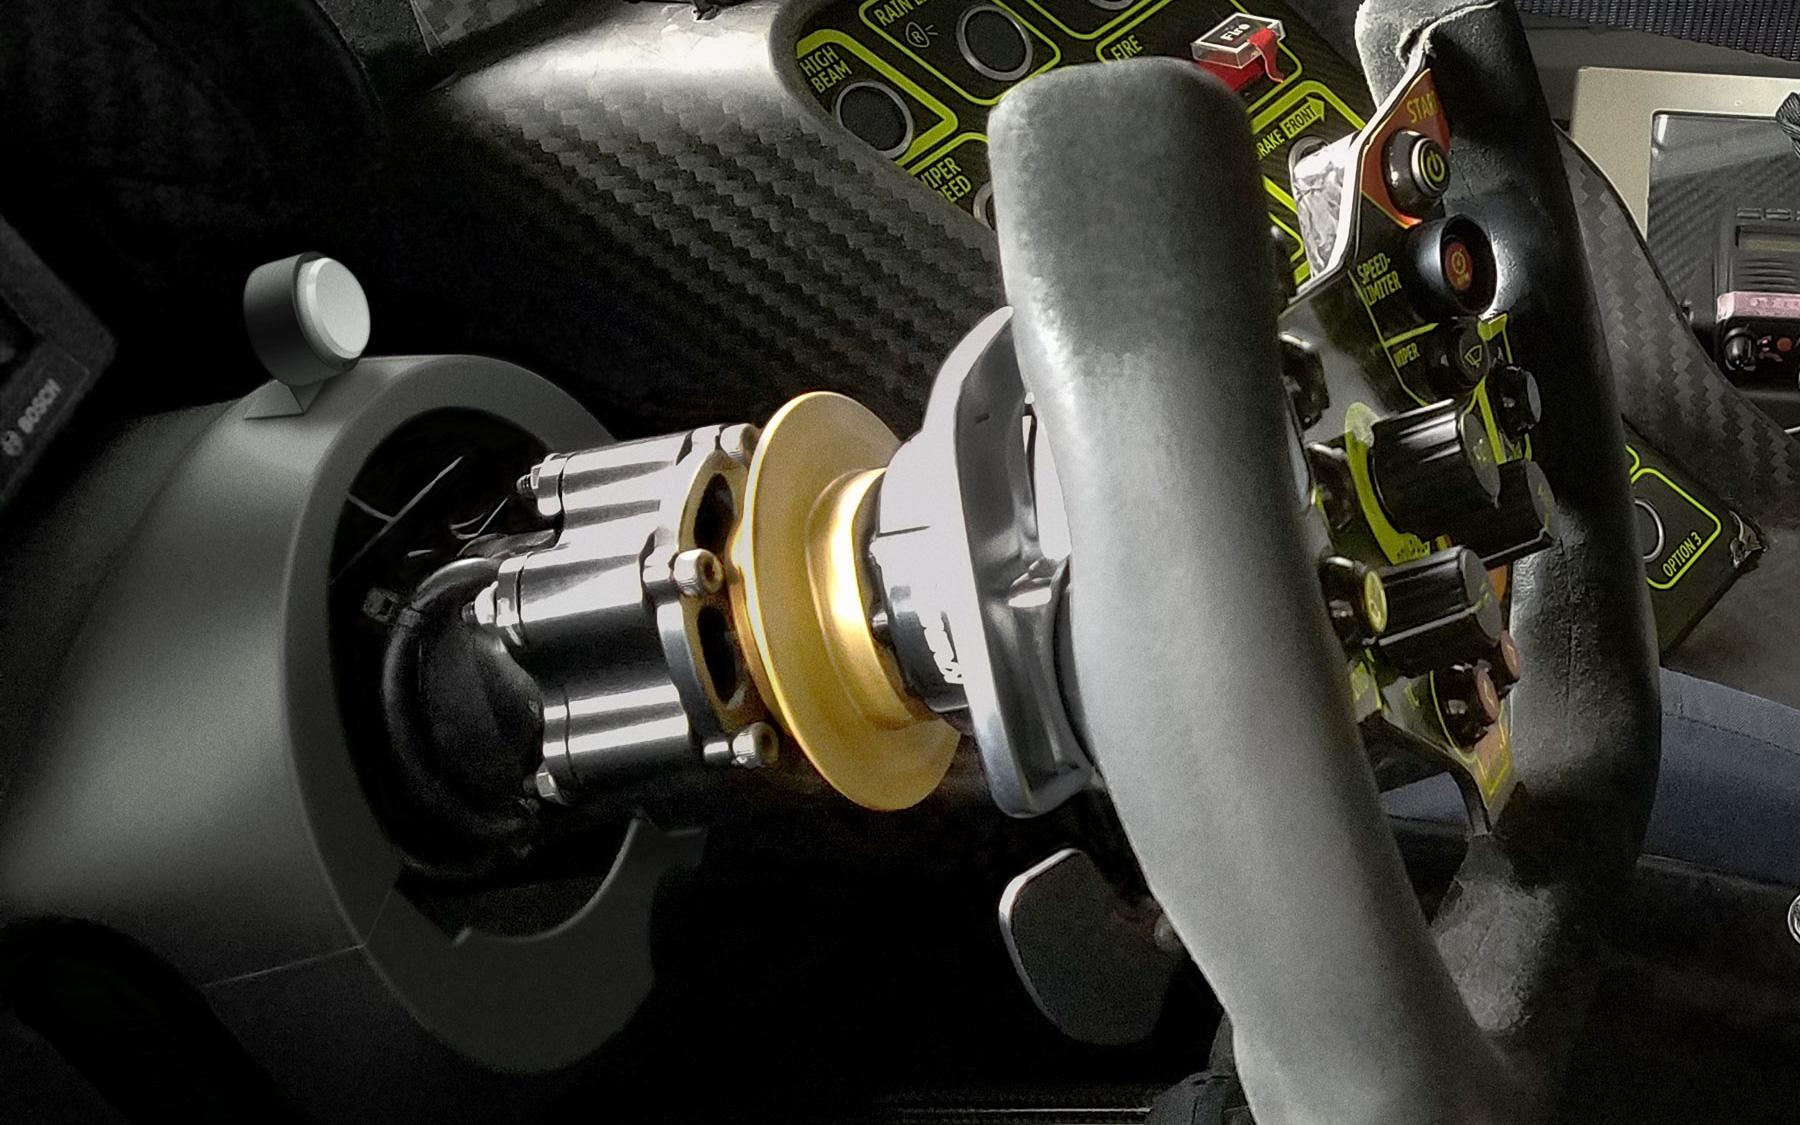 レーシングカーにも装着可能